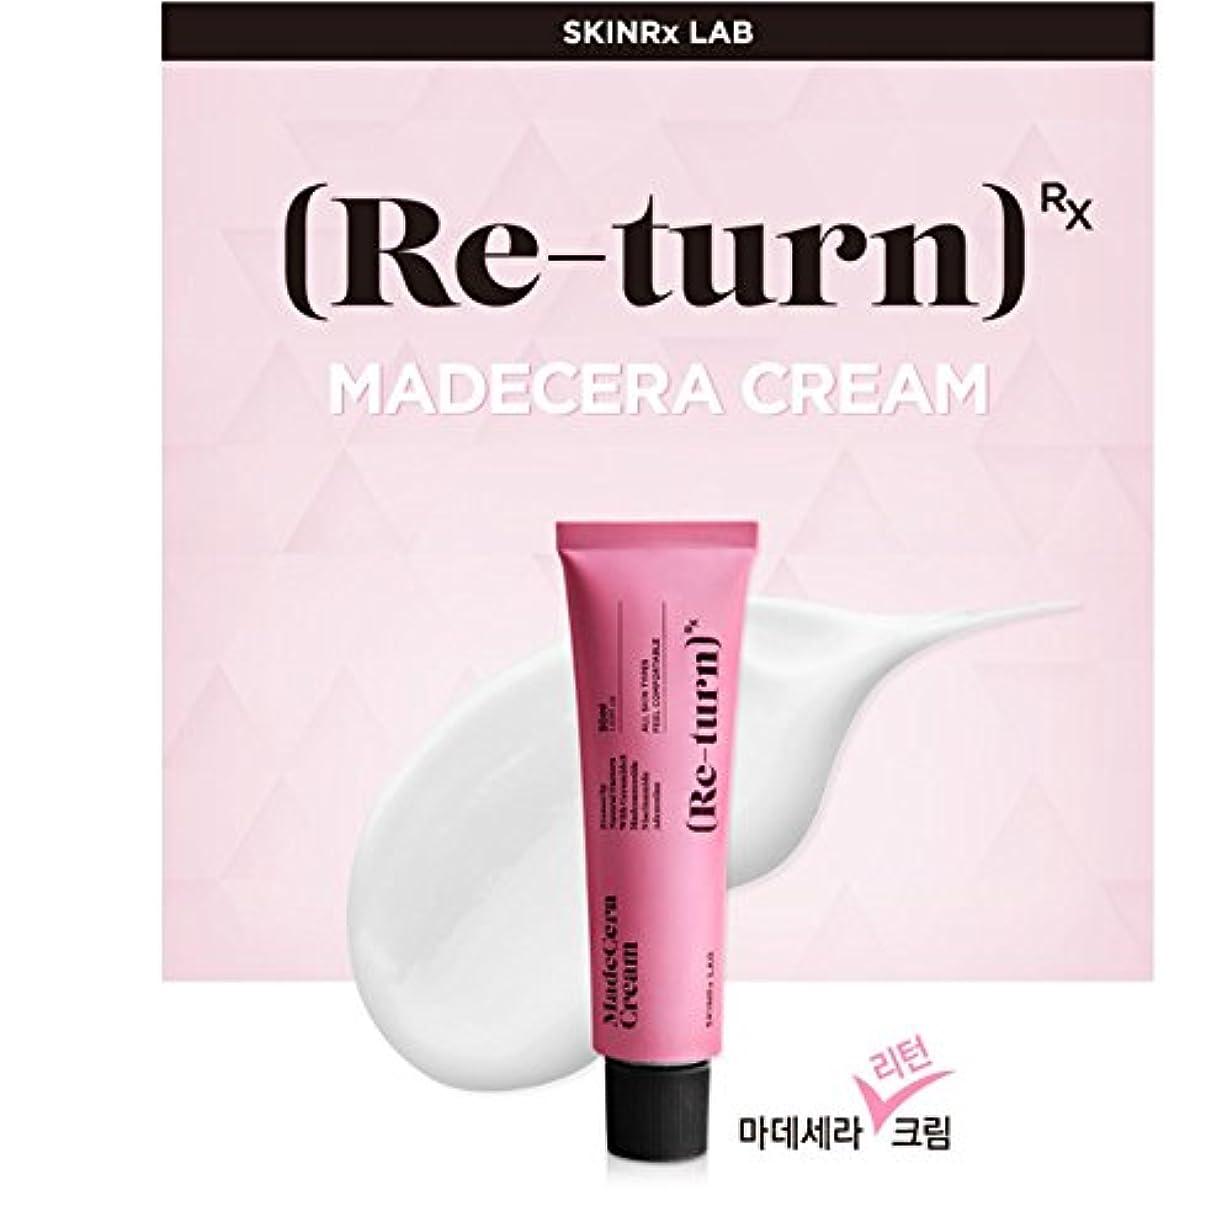 両方家州スキンアルエクスラップ マデセラ リターン クリーム 50ml / SKINRxLAB MadeCera Re-turn Cream 50ml (1.69oz)